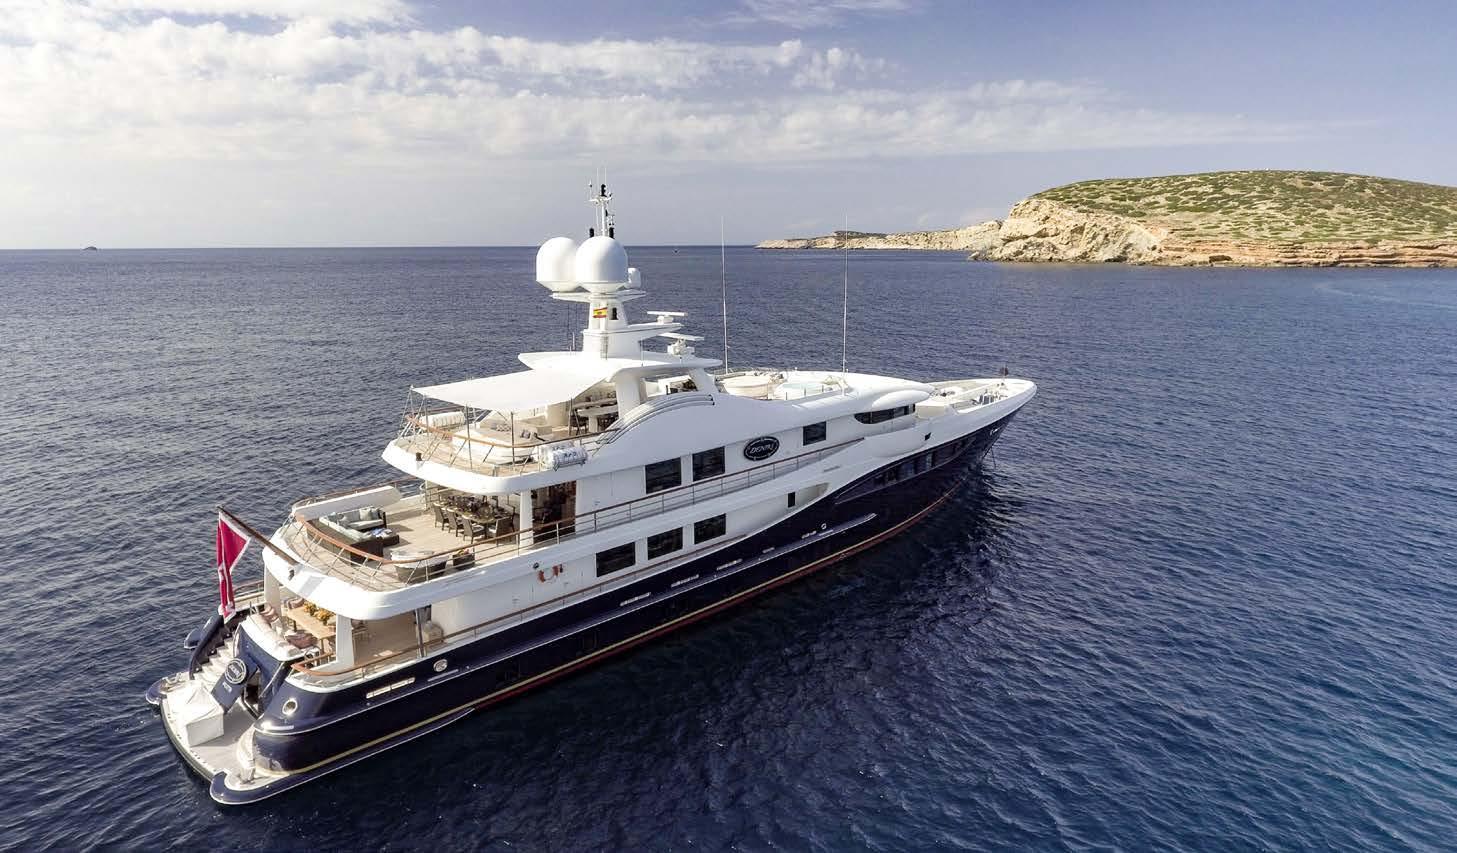 Amels motor yacht DENIKI